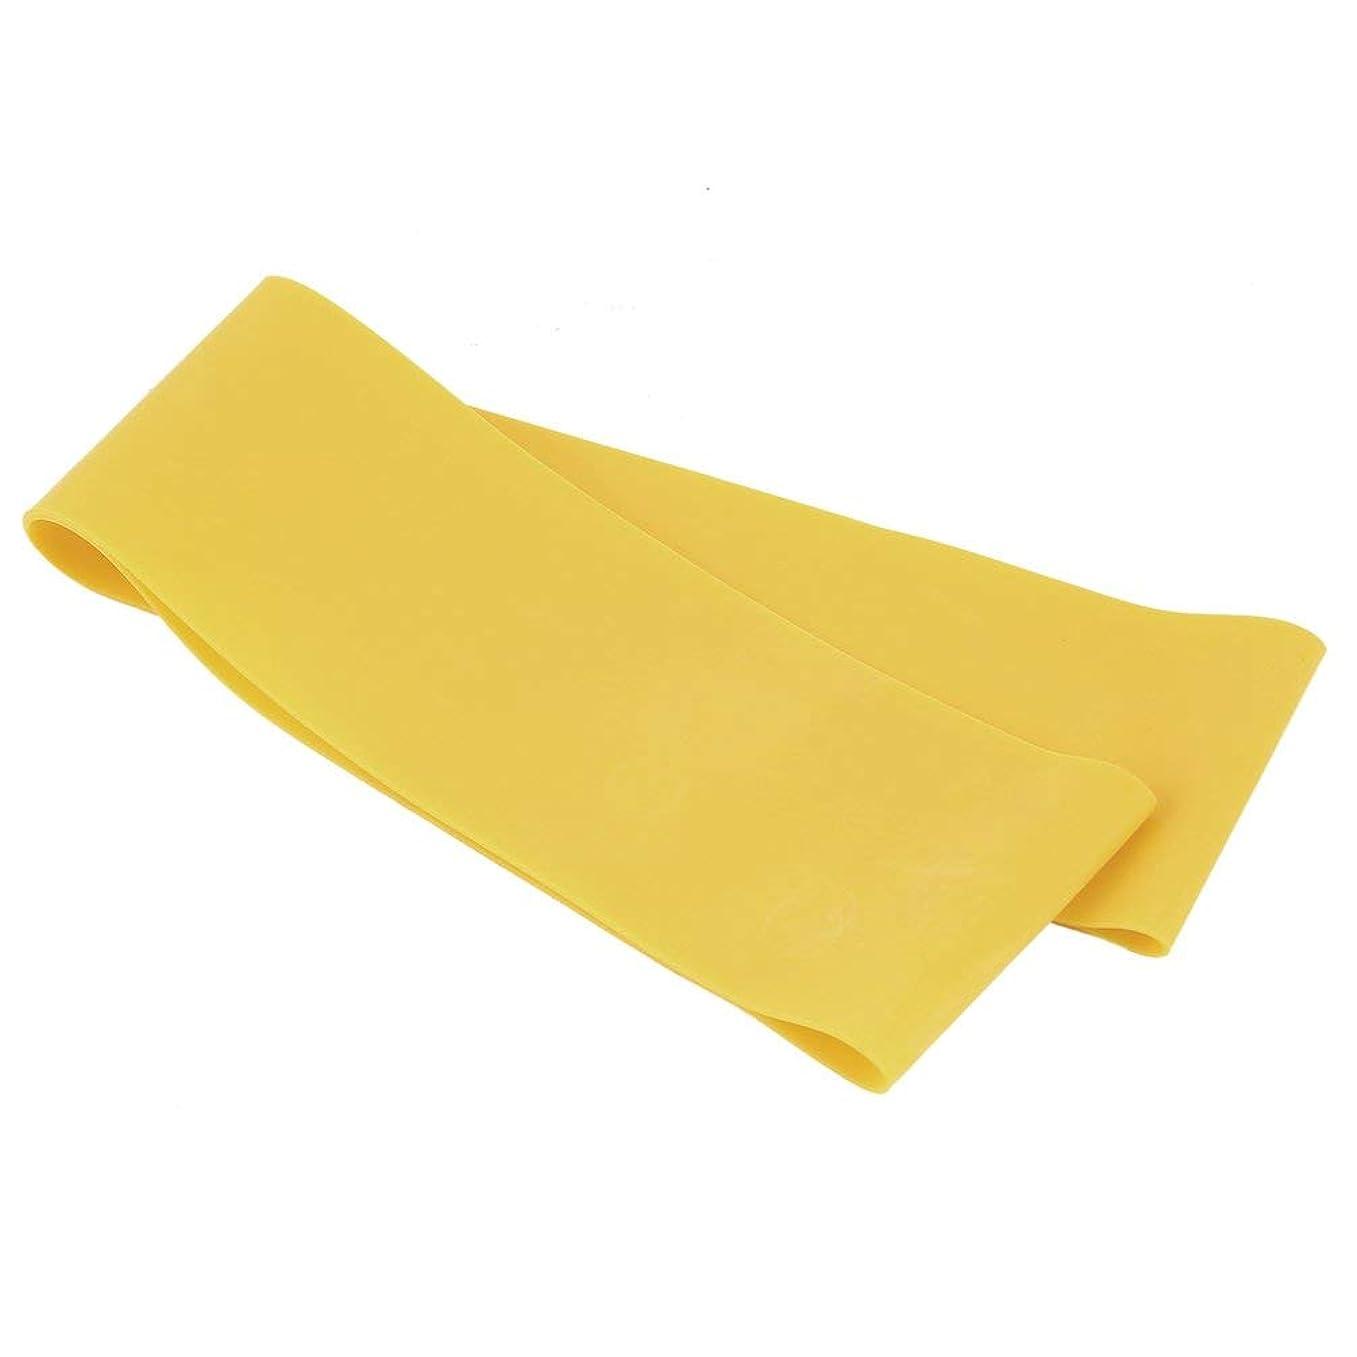 悲惨オートメーションめる滑り止めの伸縮性のあるゴム製伸縮性があるヨガのベルトバンド引きロープの張力抵抗バンドループ強さのためのフィットネスヨガツール - 黄色